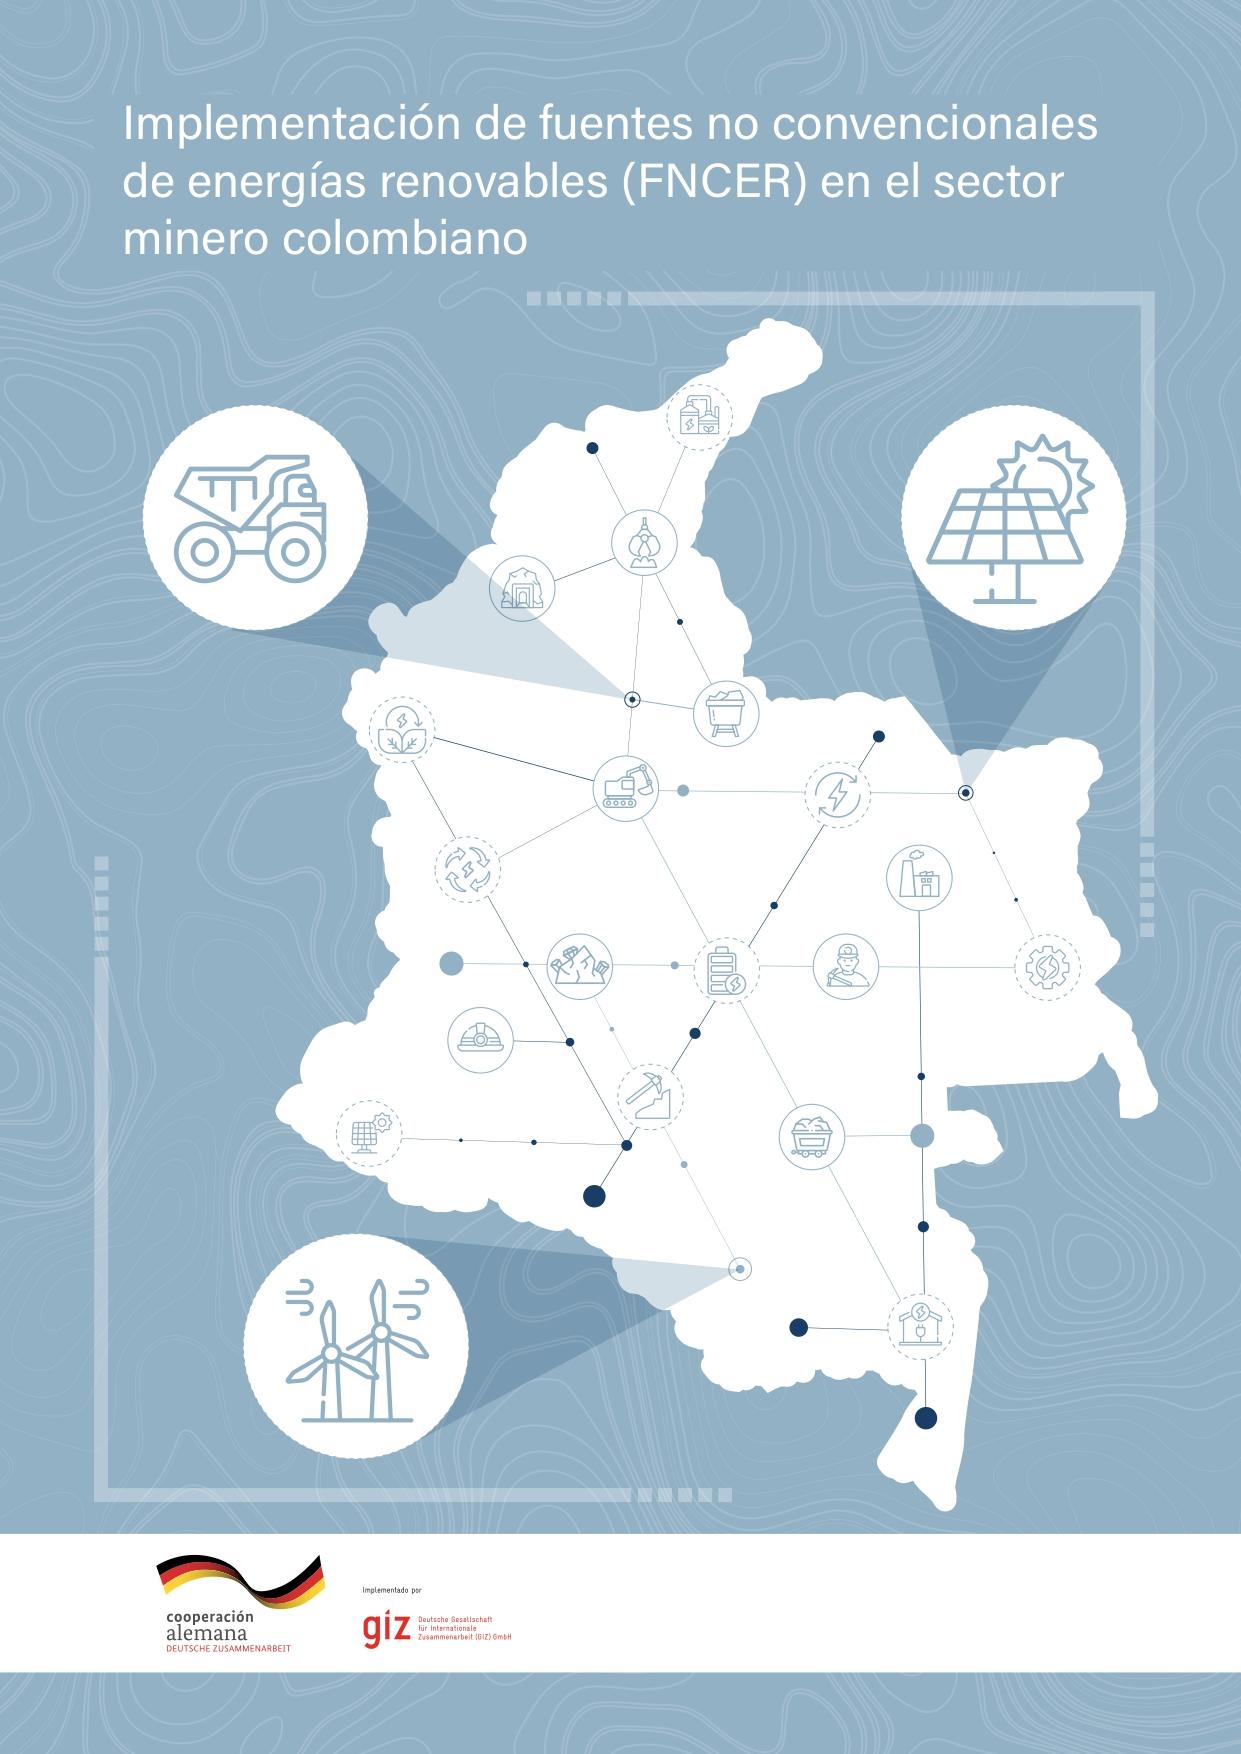 FNCER-en-el-sector-minero-Colombia (1)-1_page-0001